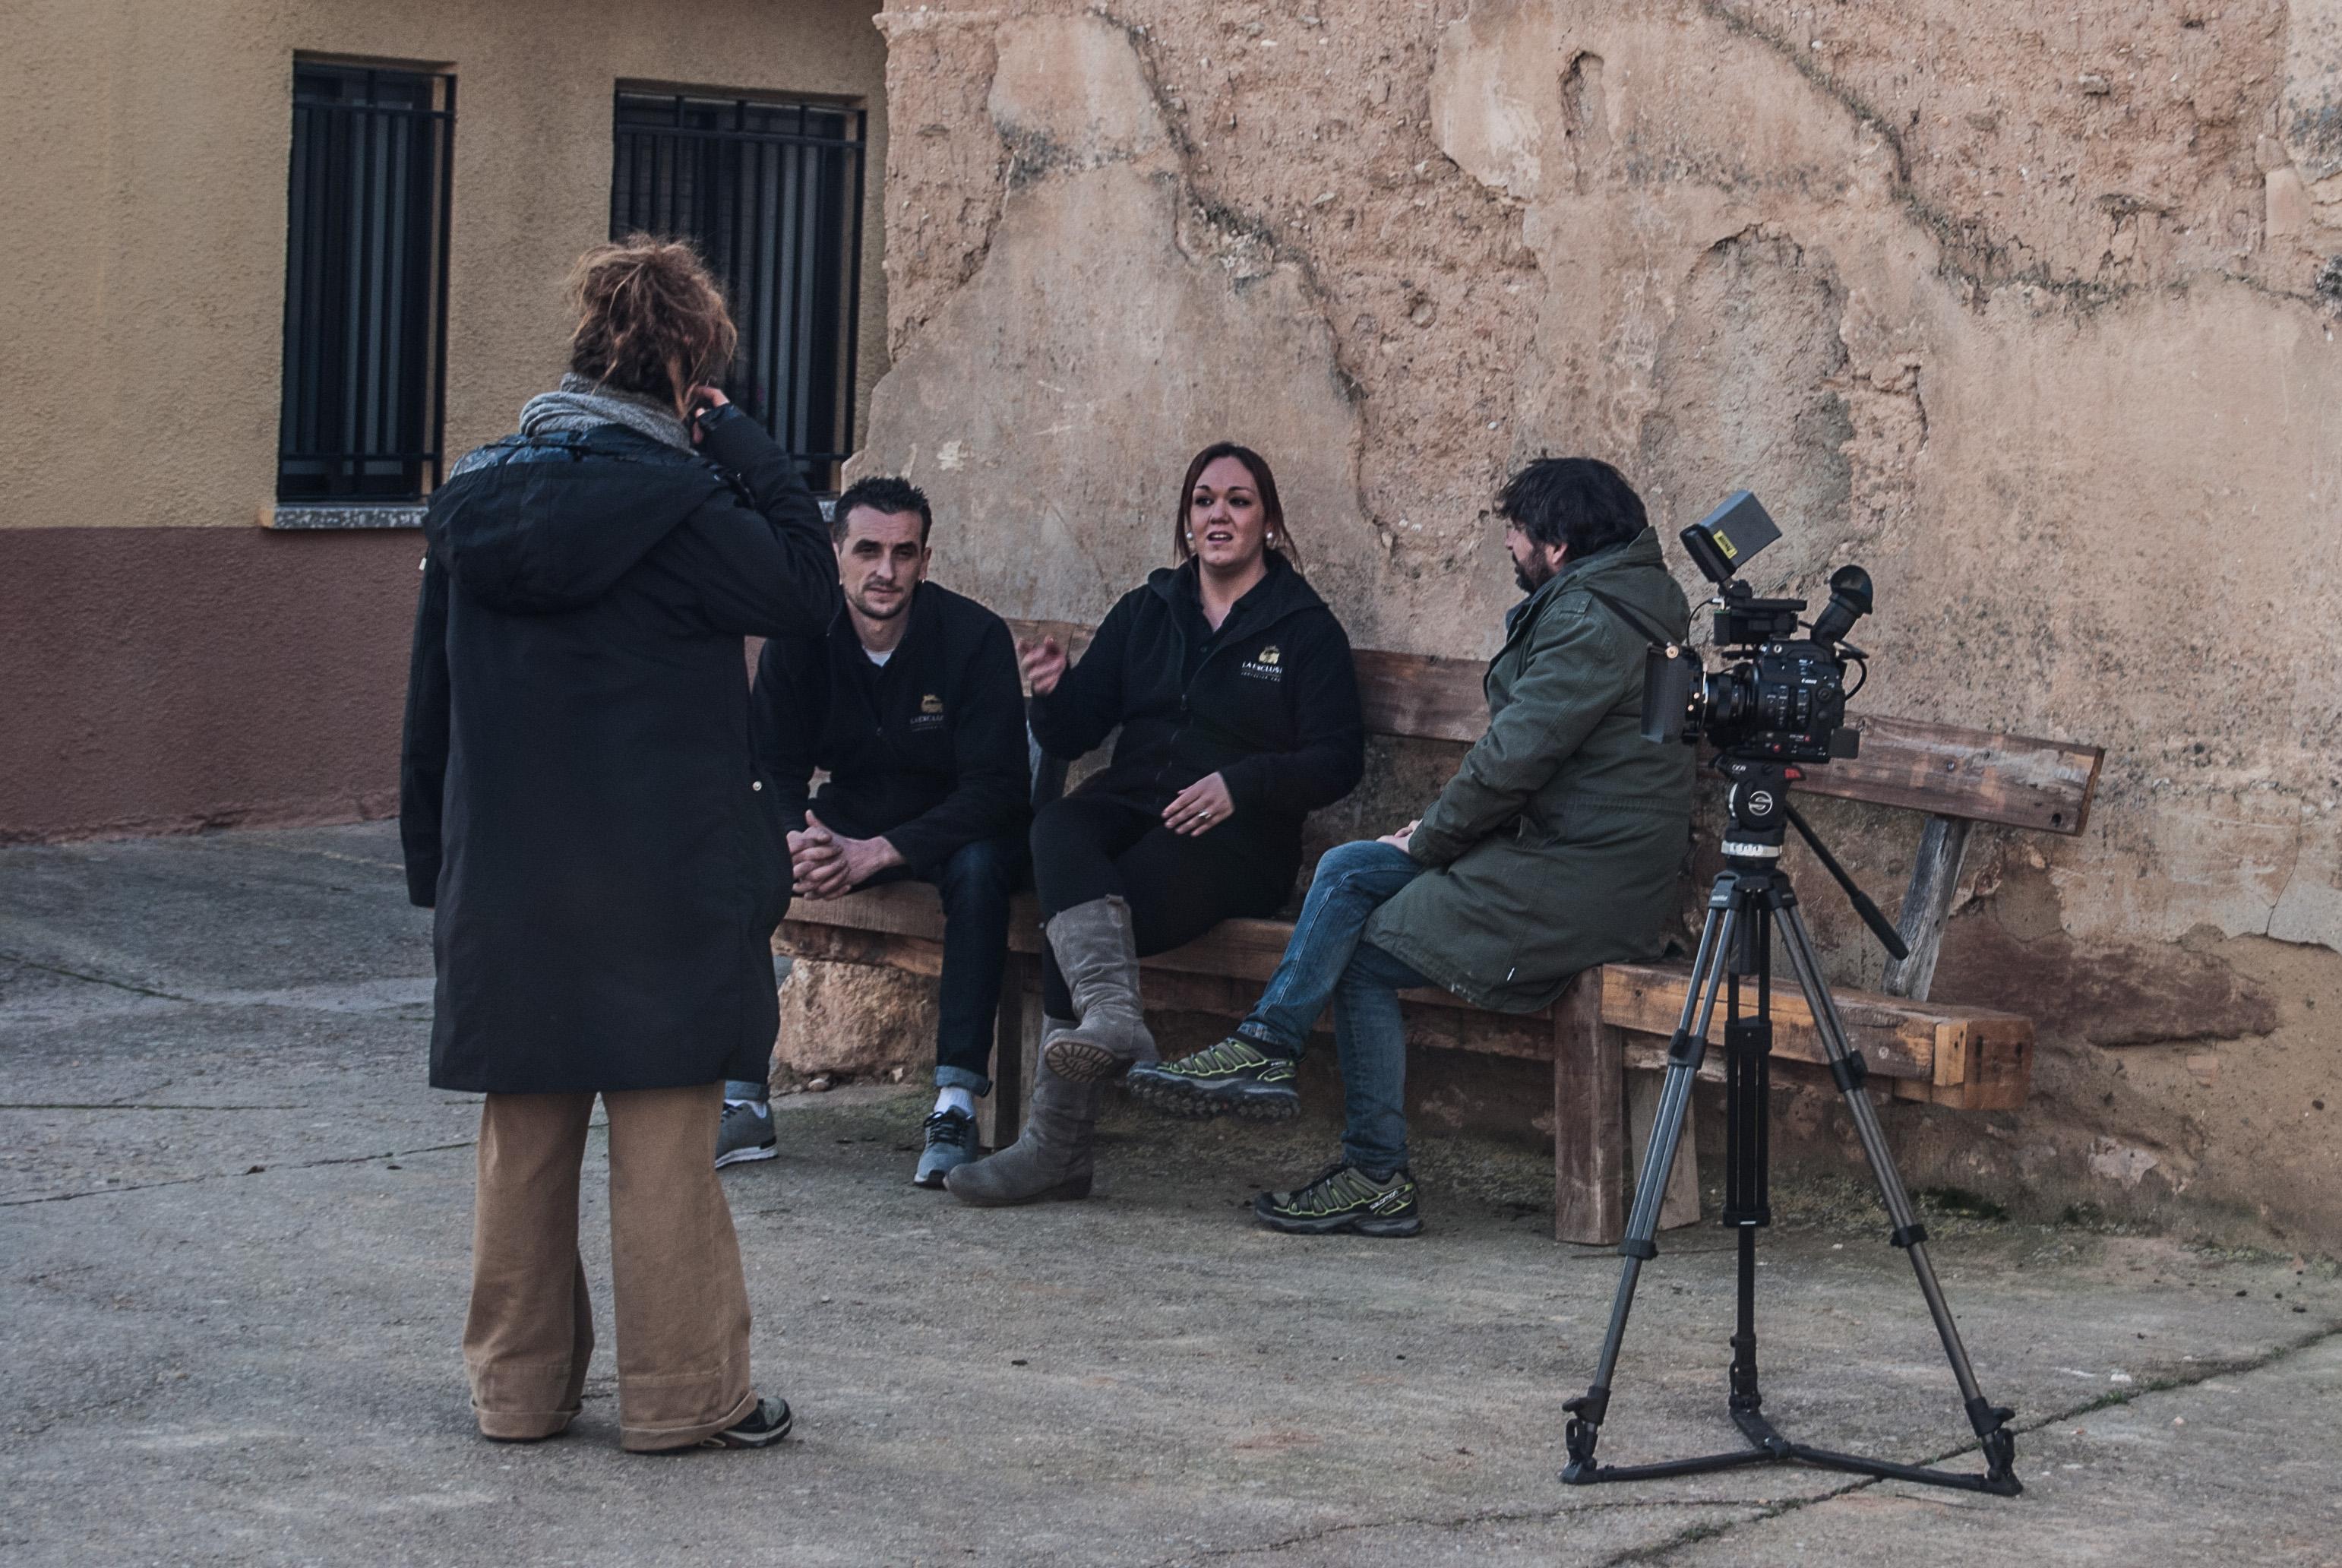 Hugo Nuñez y Victoria Tortosa, junto a Jordi Évole, reciben instrucciones de una productora del programa antes de comenzar la entrevista.